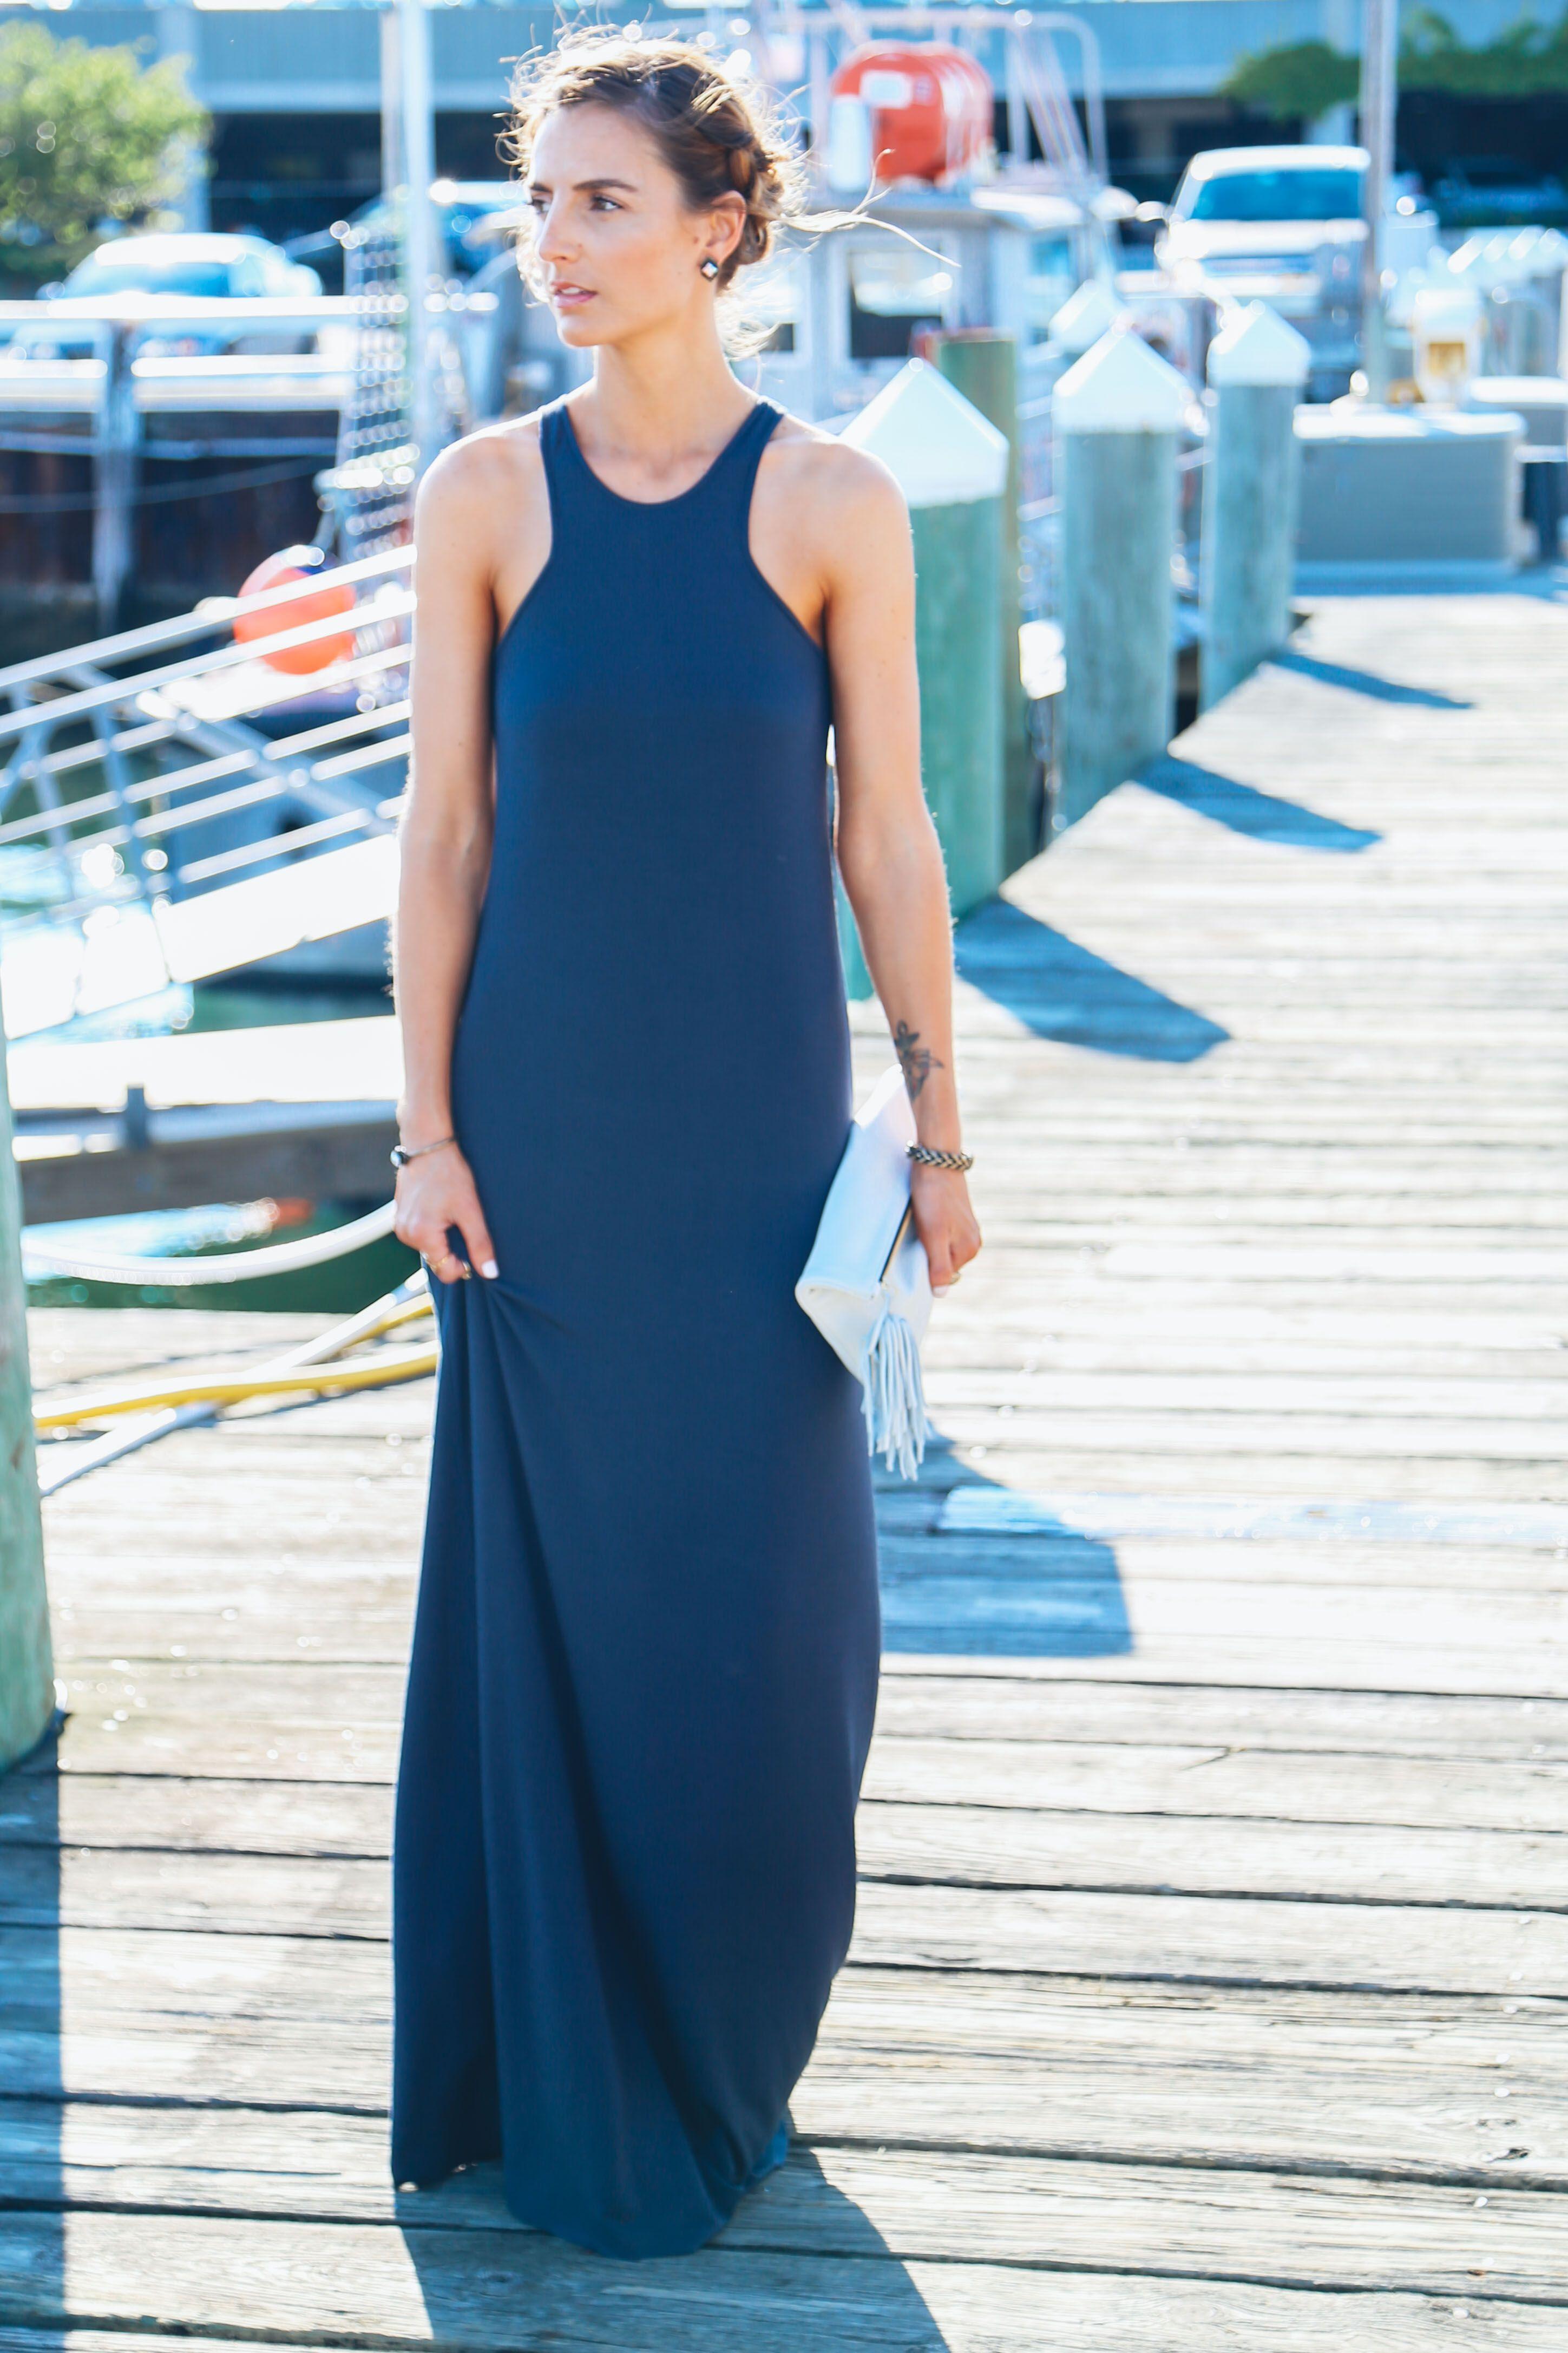 Maxi Dress And Crown Braid Womens Fashion Maxi Dresses Maxi Dress [ 4346 x 2897 Pixel ]